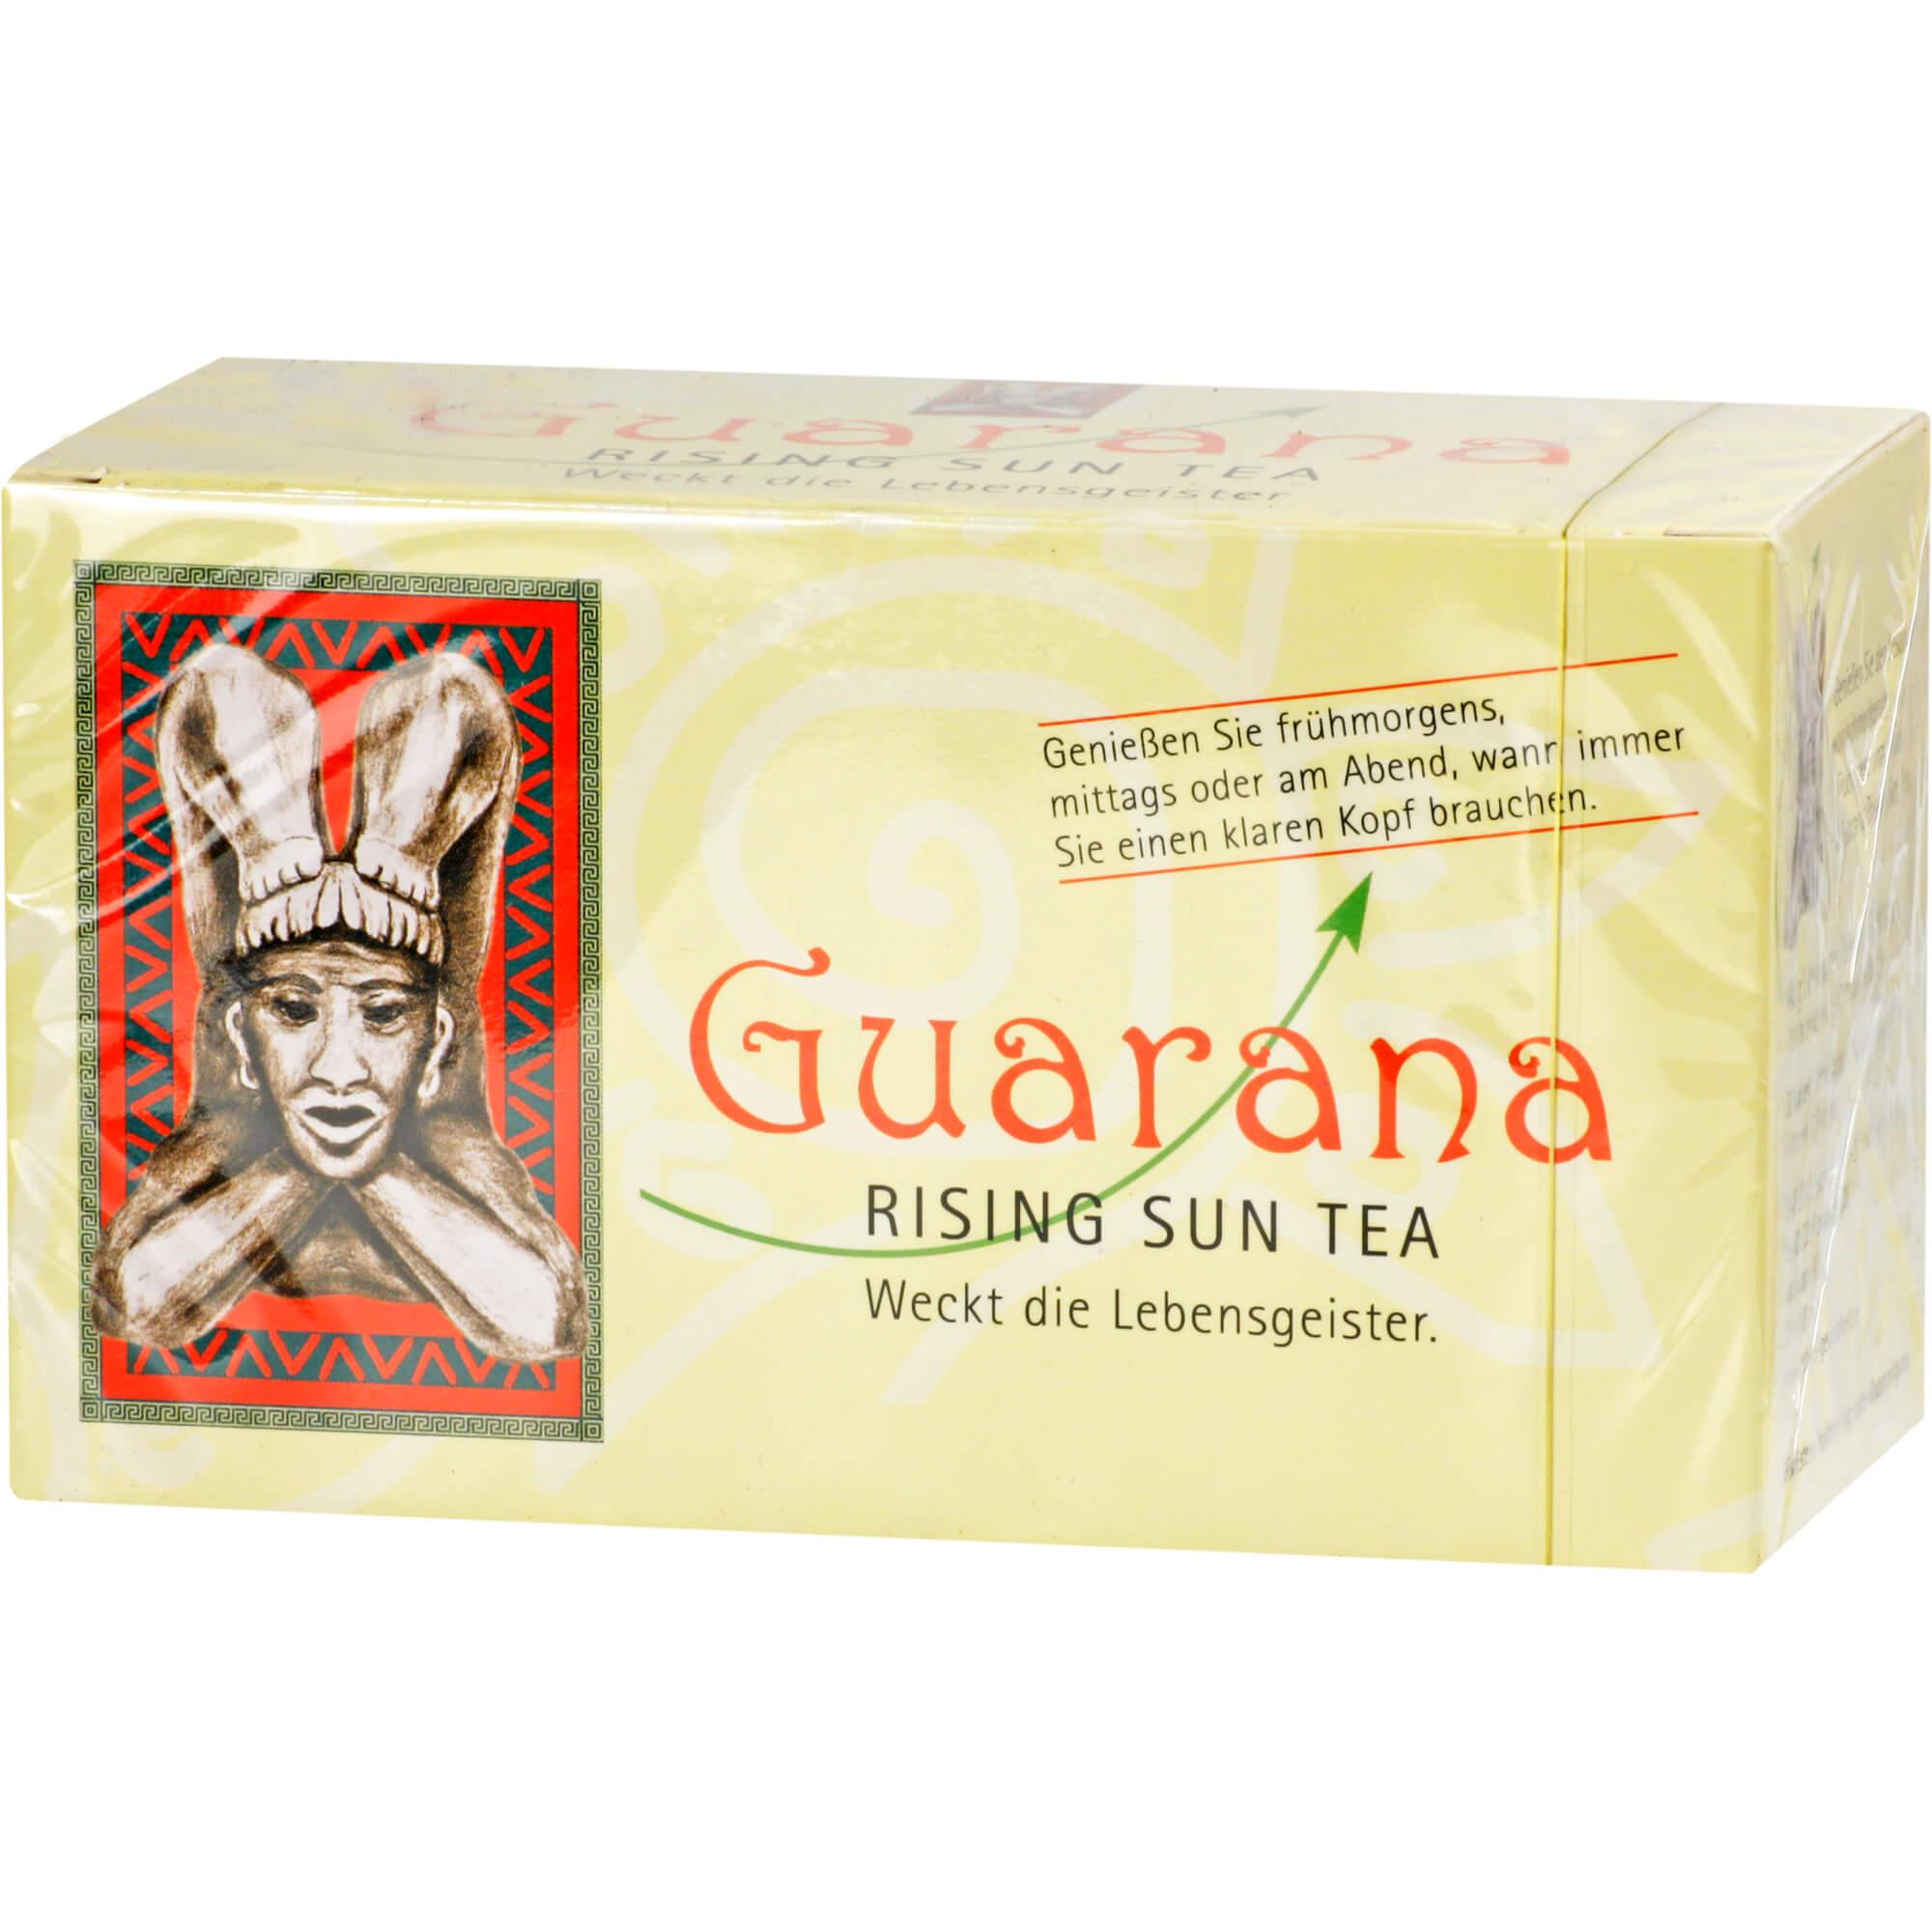 Guarana Rising Sun Tea